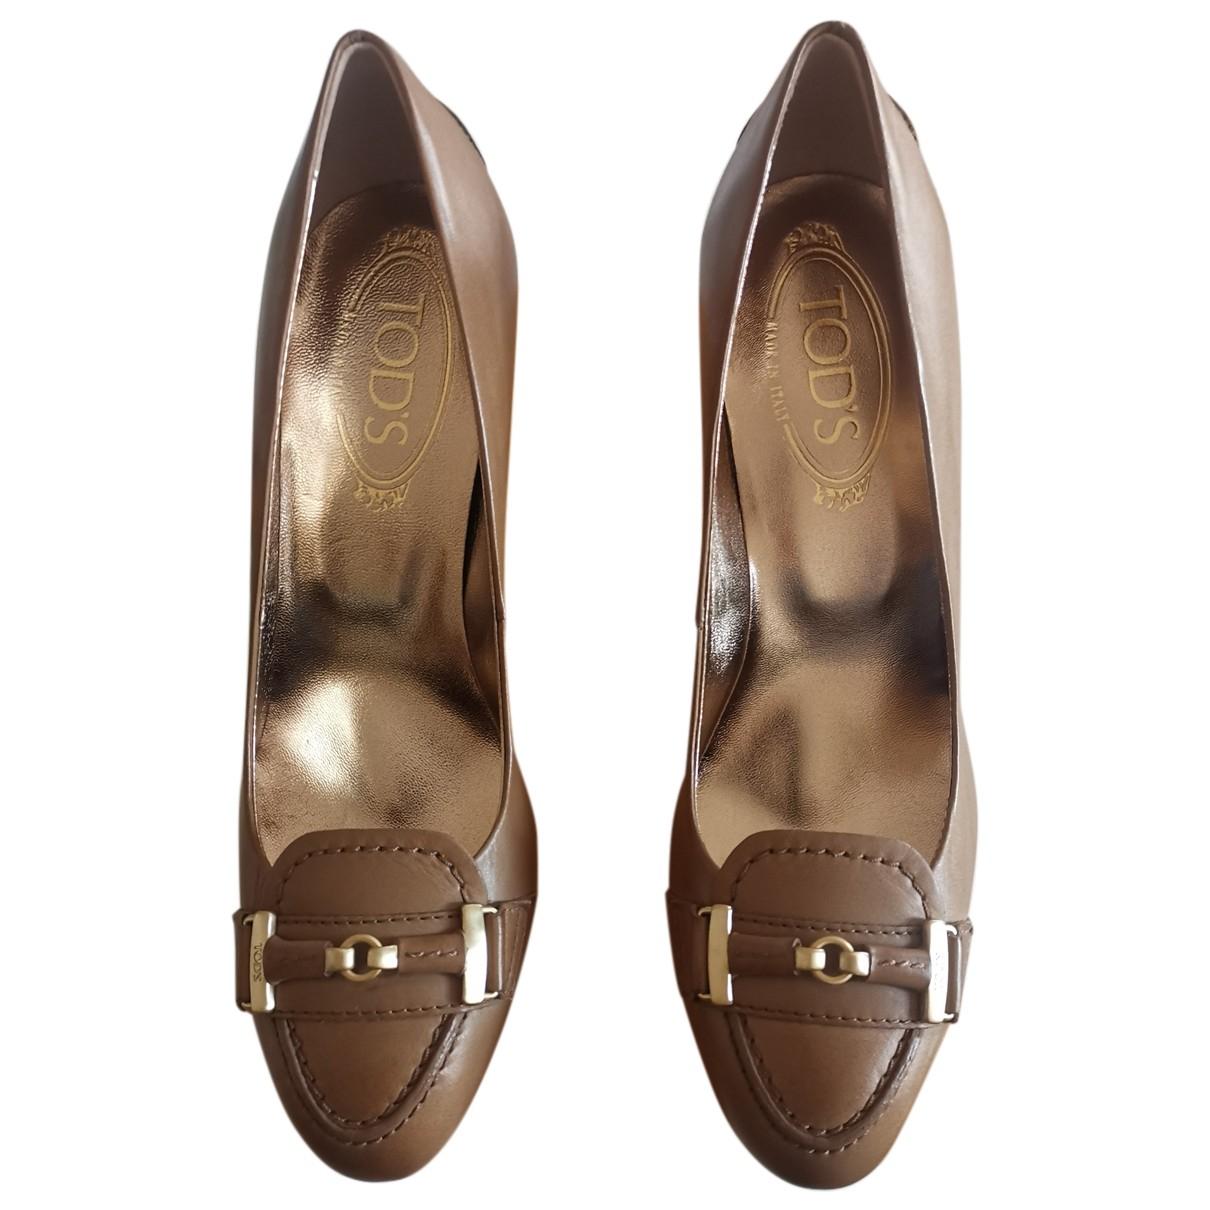 Tod's N Beige Leather Heels for Women 37.5 EU